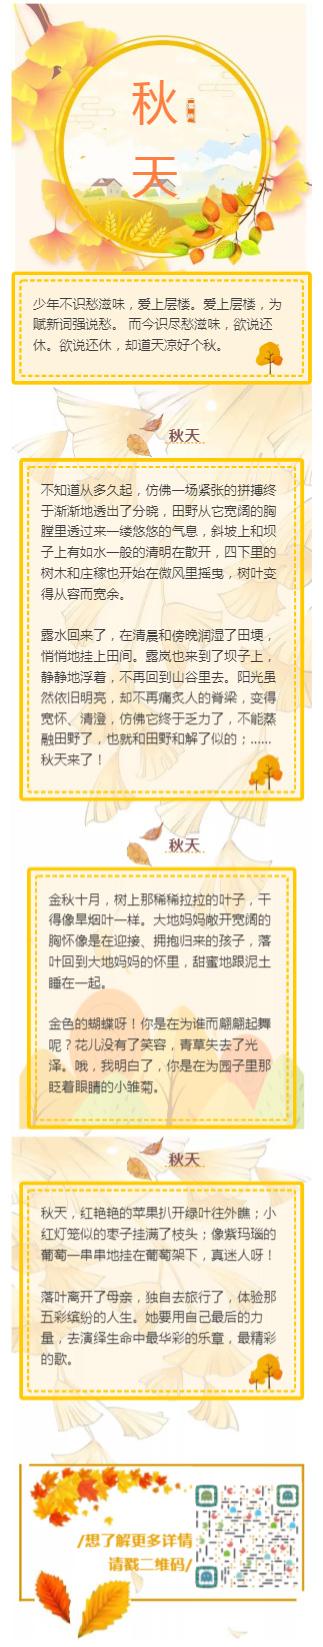 深秋天金黄色文章风格带背景图诗歌图文模板